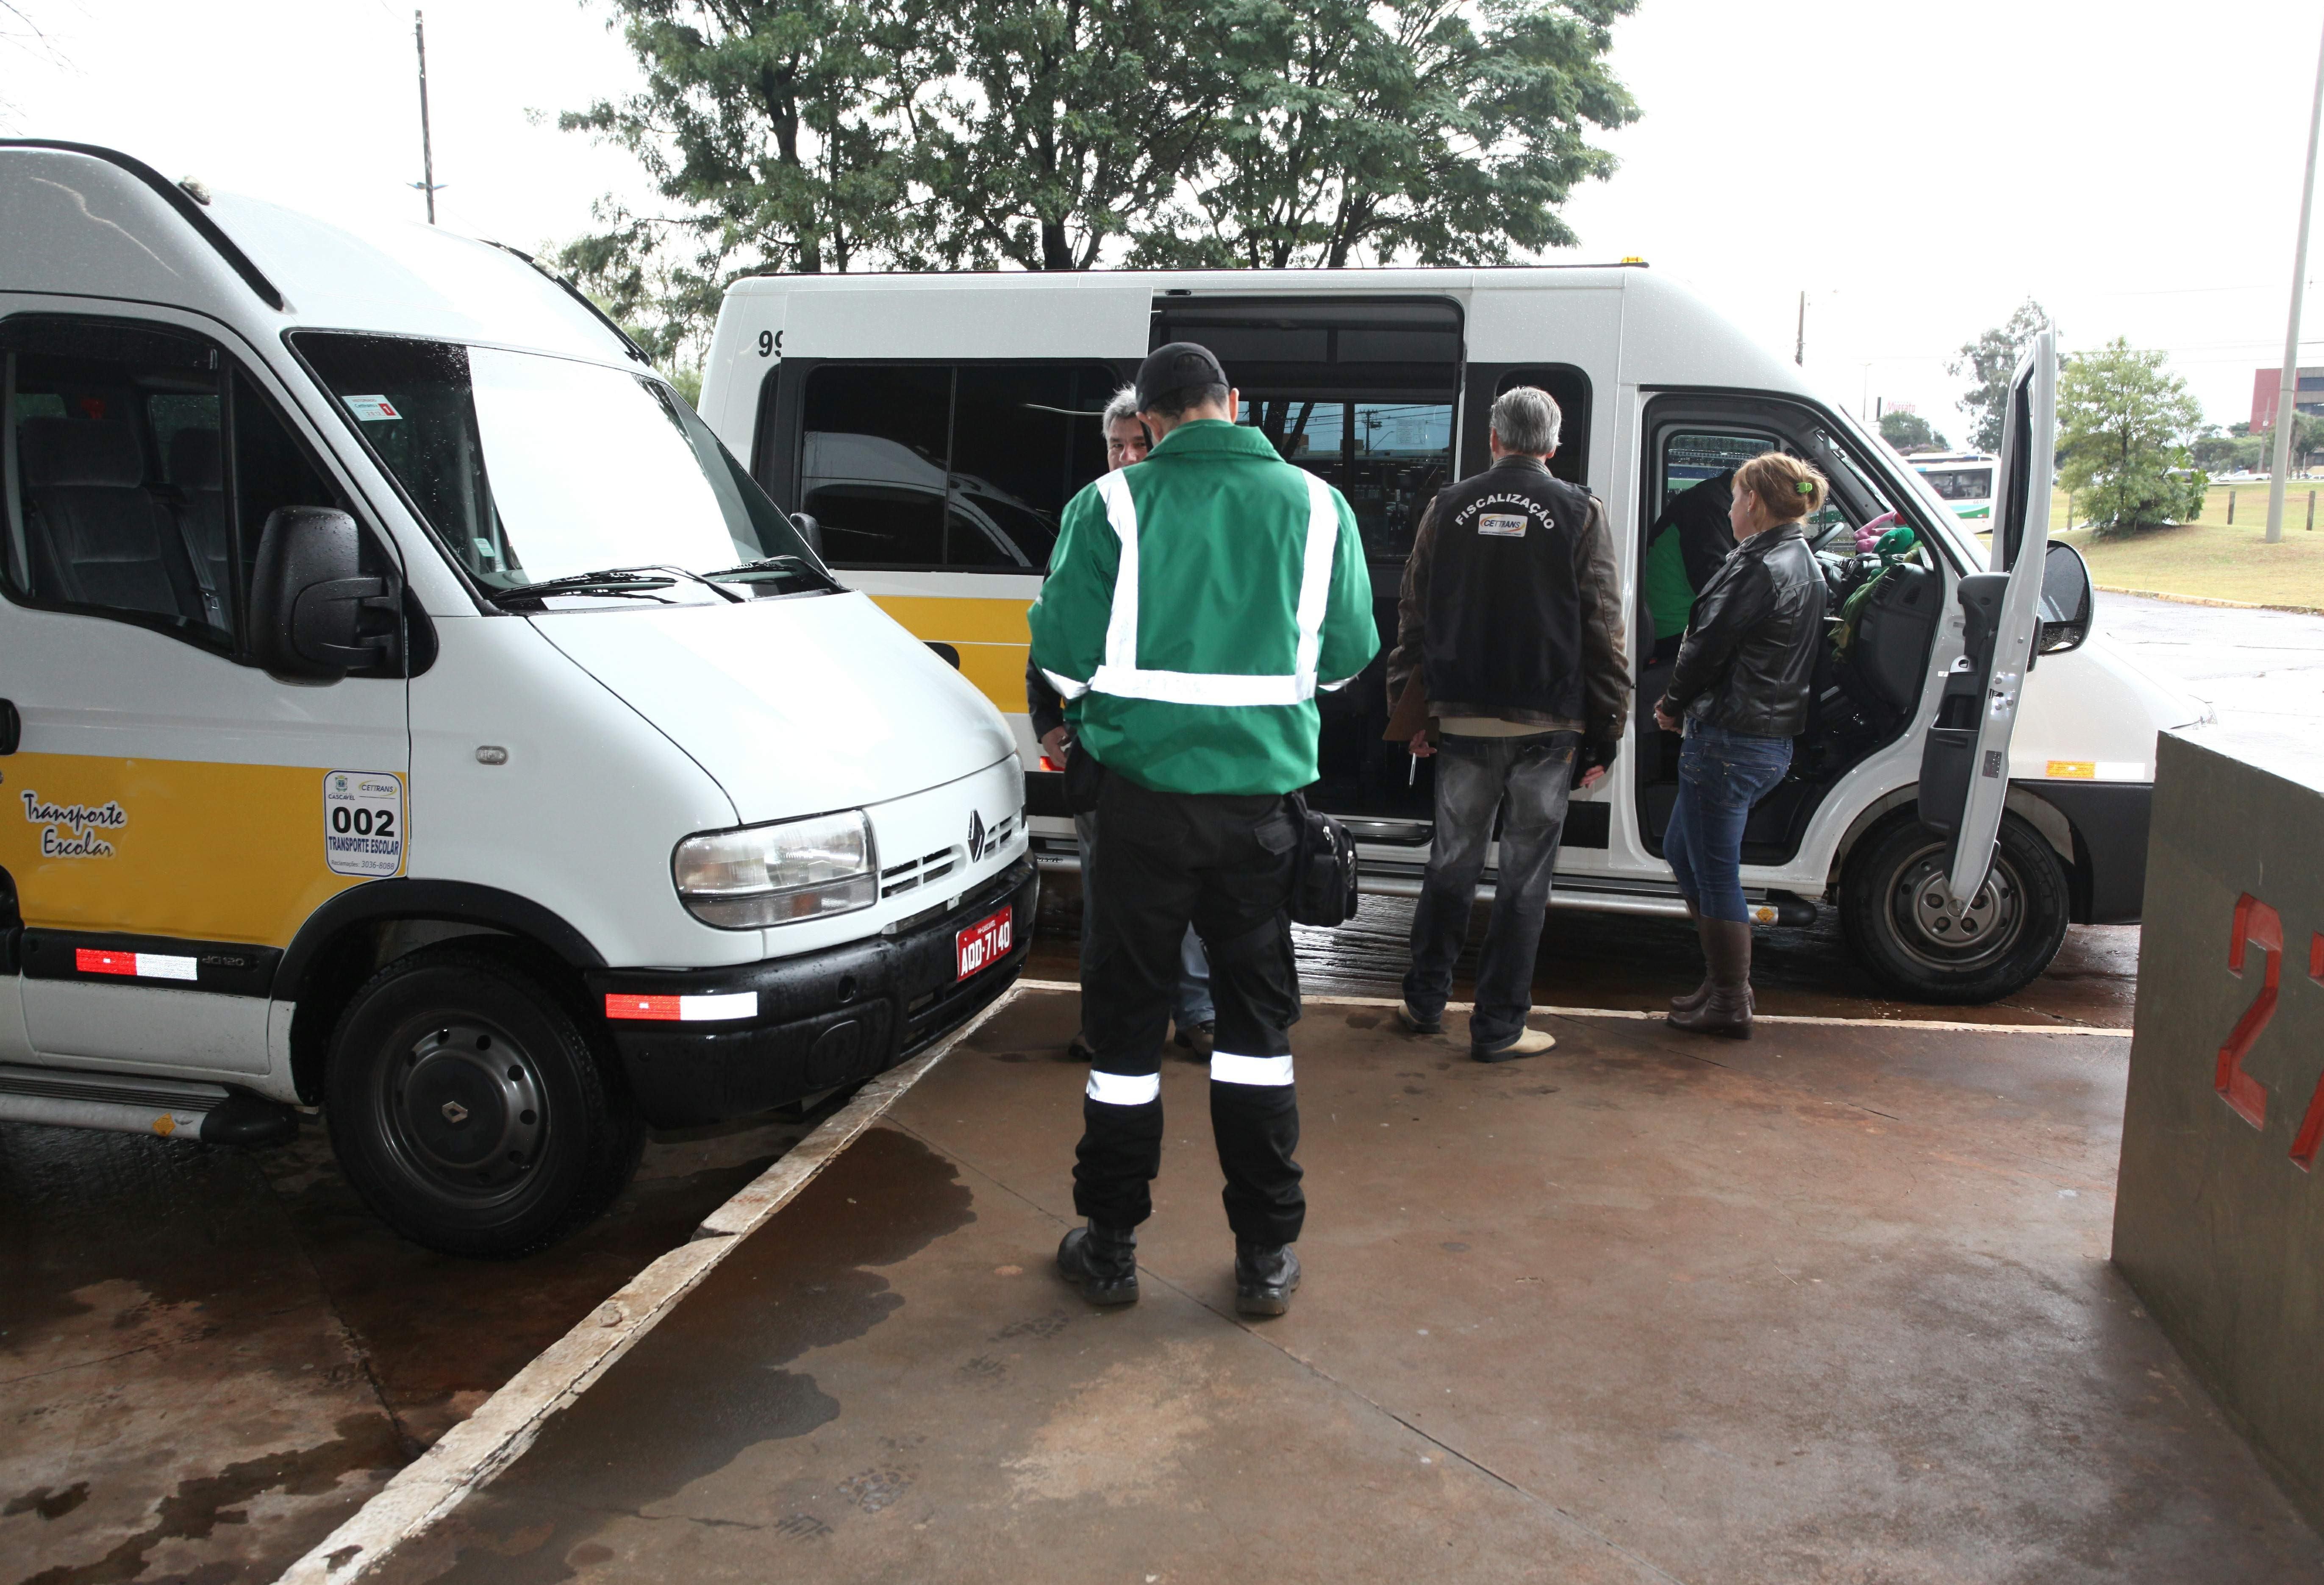 Vans escolares passam a fazer transportar de passageiros que não podem utilizar transporte público